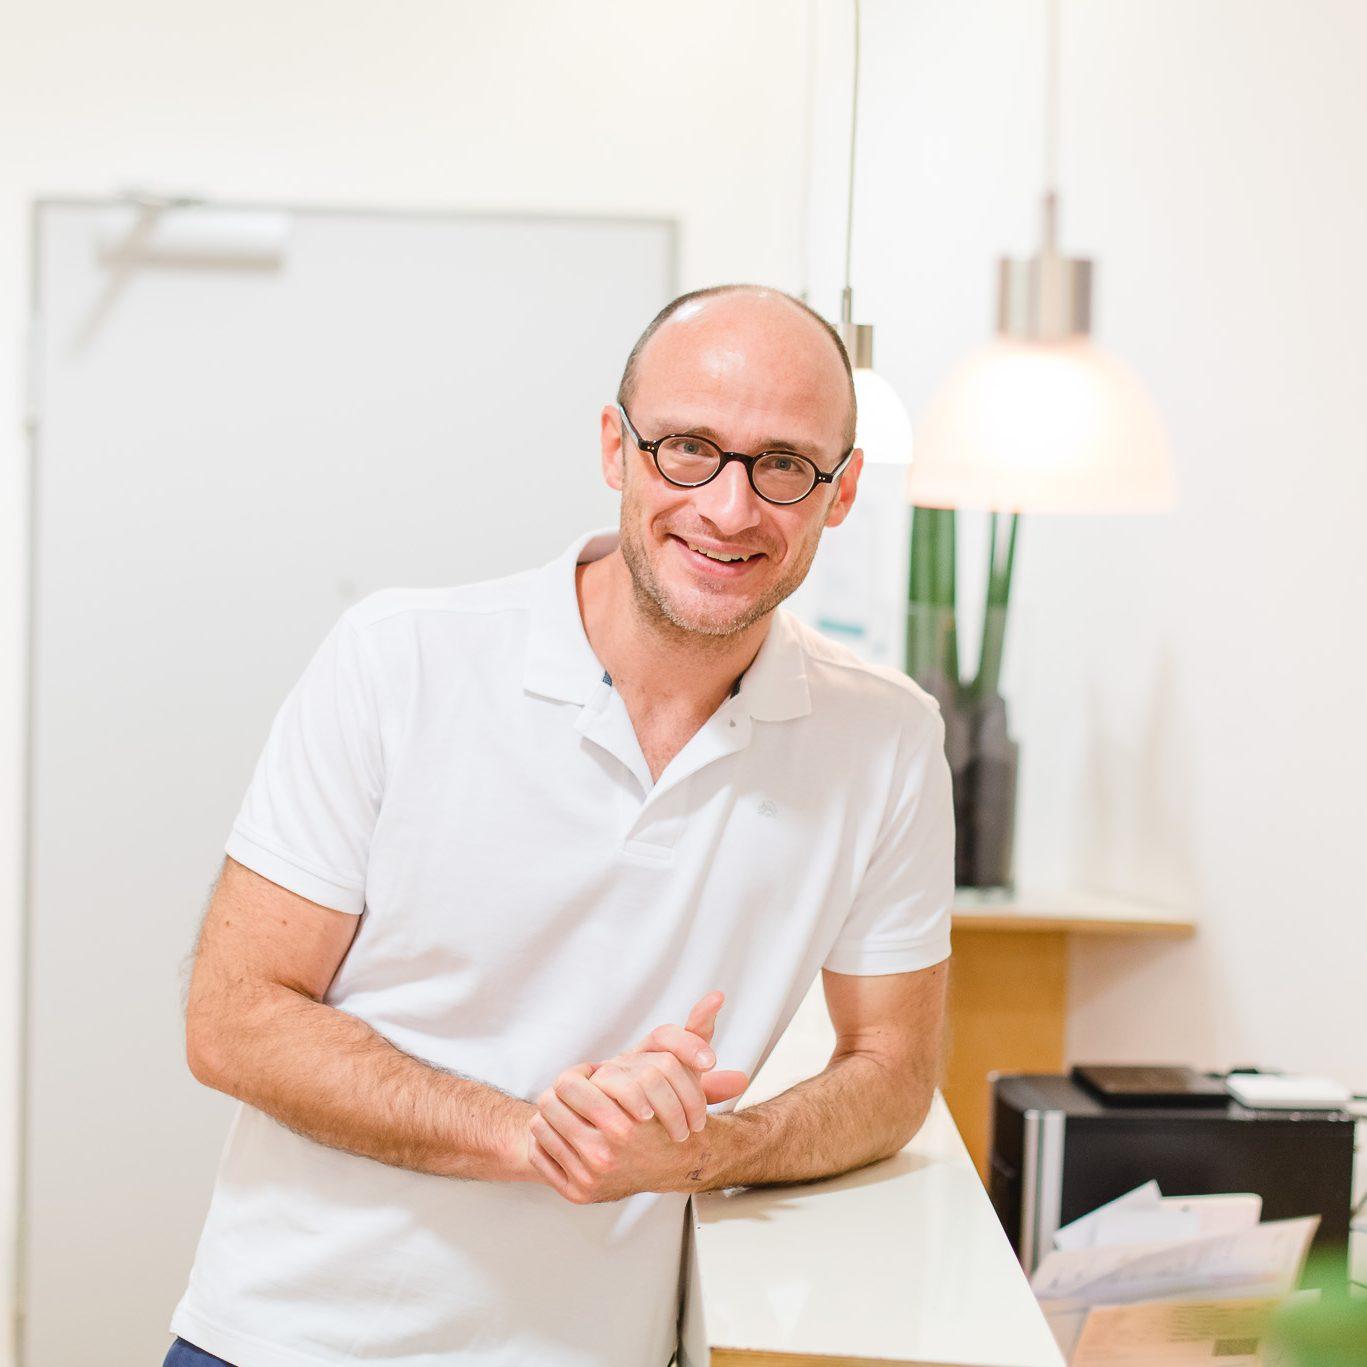 dr-walentiny-trier-gemeinschaftspraxis-reisemedizin